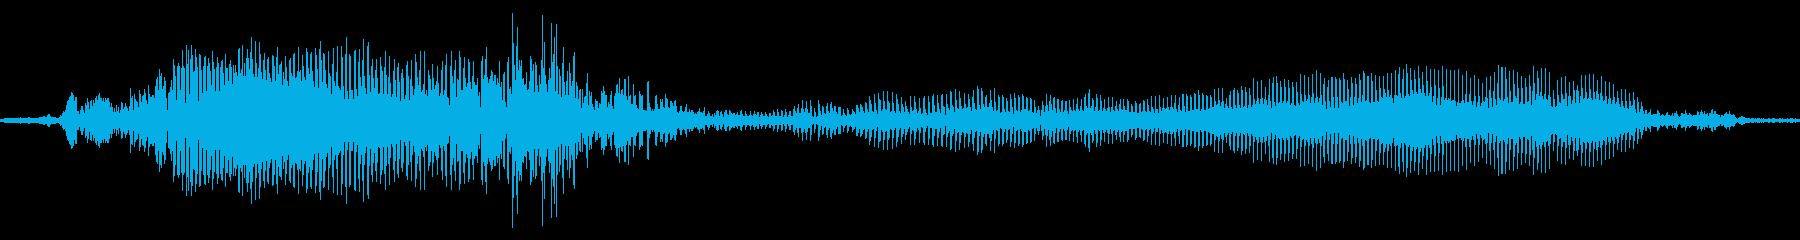 グロアザラシ、アシカ、セイウチの再生済みの波形